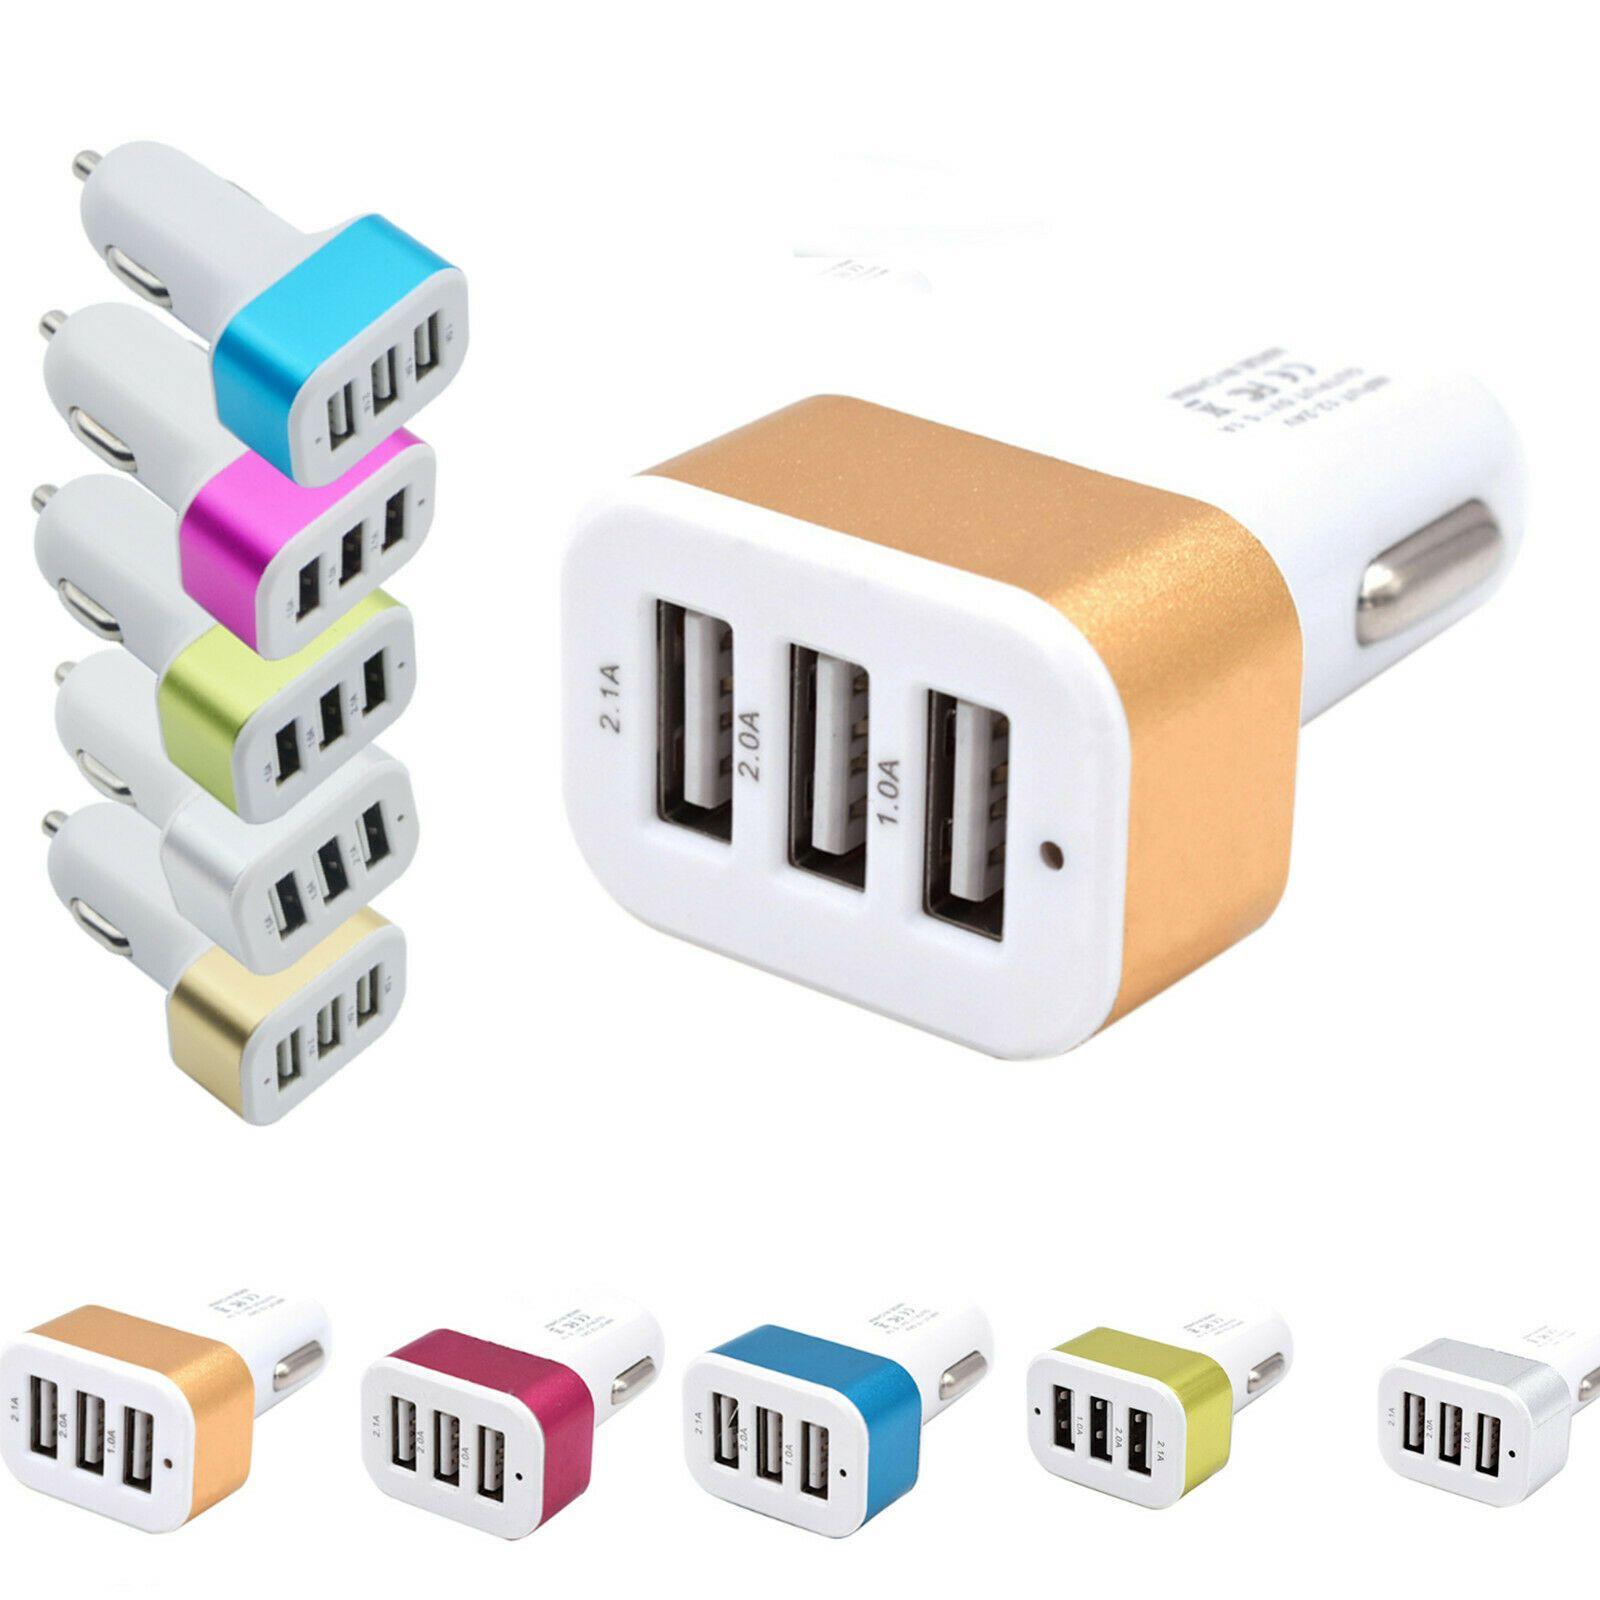 USB 자동차 충전기 3 포트 전화 충전기 어댑터 소켓 2A 2.1A 1A 자동차 스타일링 3 USB 충전기 휴대 전화 패드 충전기에 대 한 유니버설